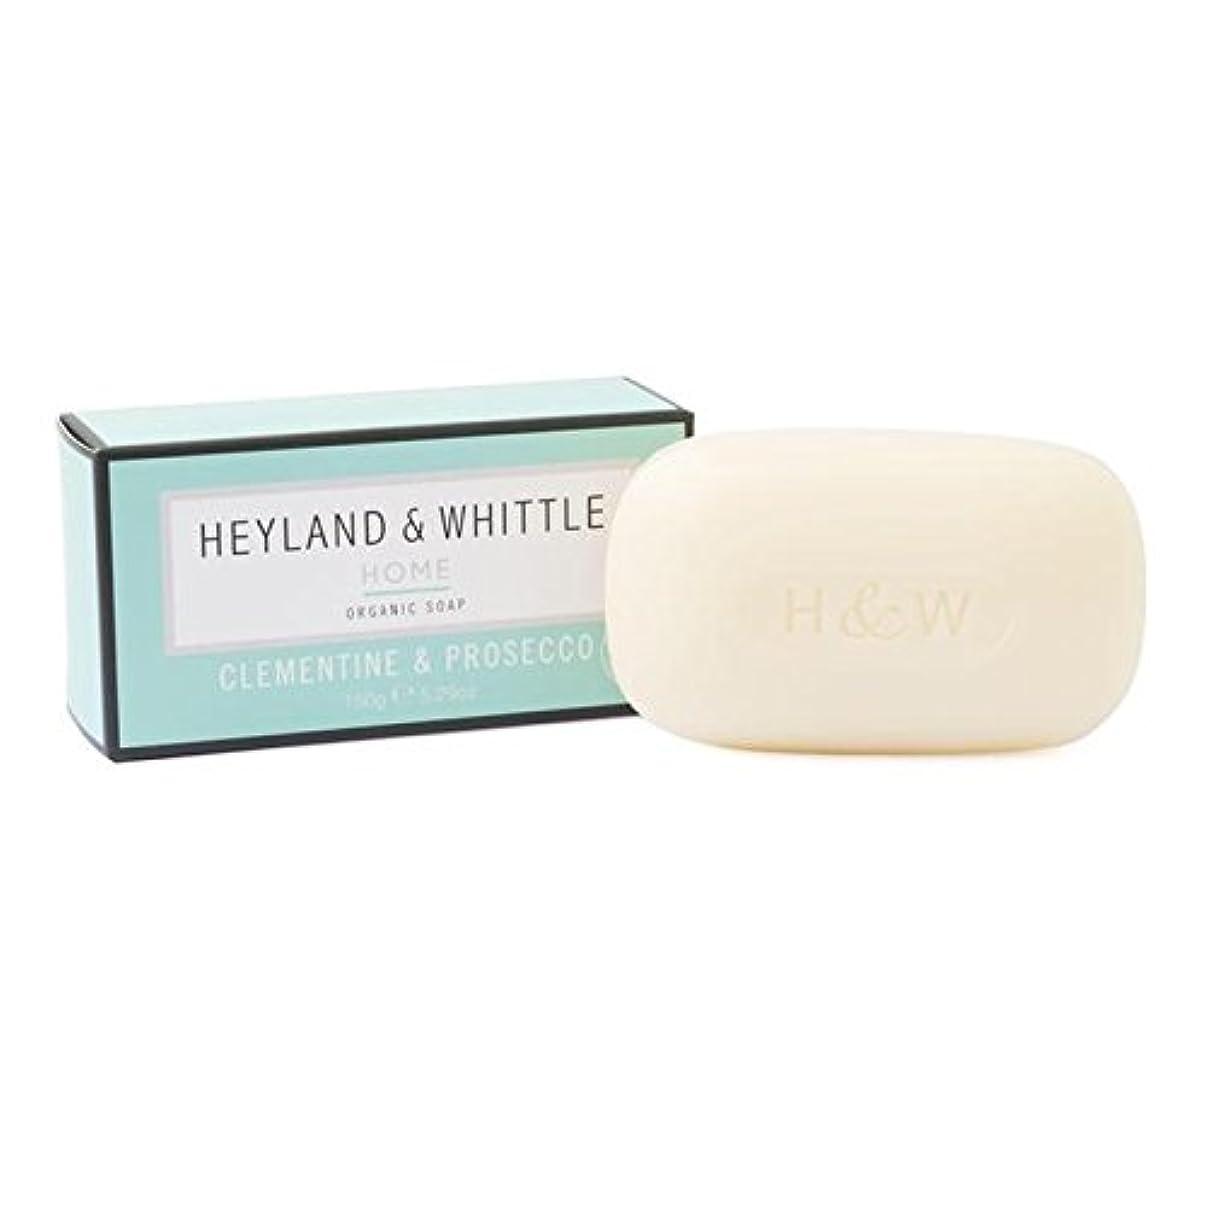 涙視線製品&削るホームクレメンタイン&プロセッコ有機石鹸150グラム x4 - Heyland & Whittle Home Clementine & Prosecco Organic Soap 150g (Pack of 4) [並行輸入品]